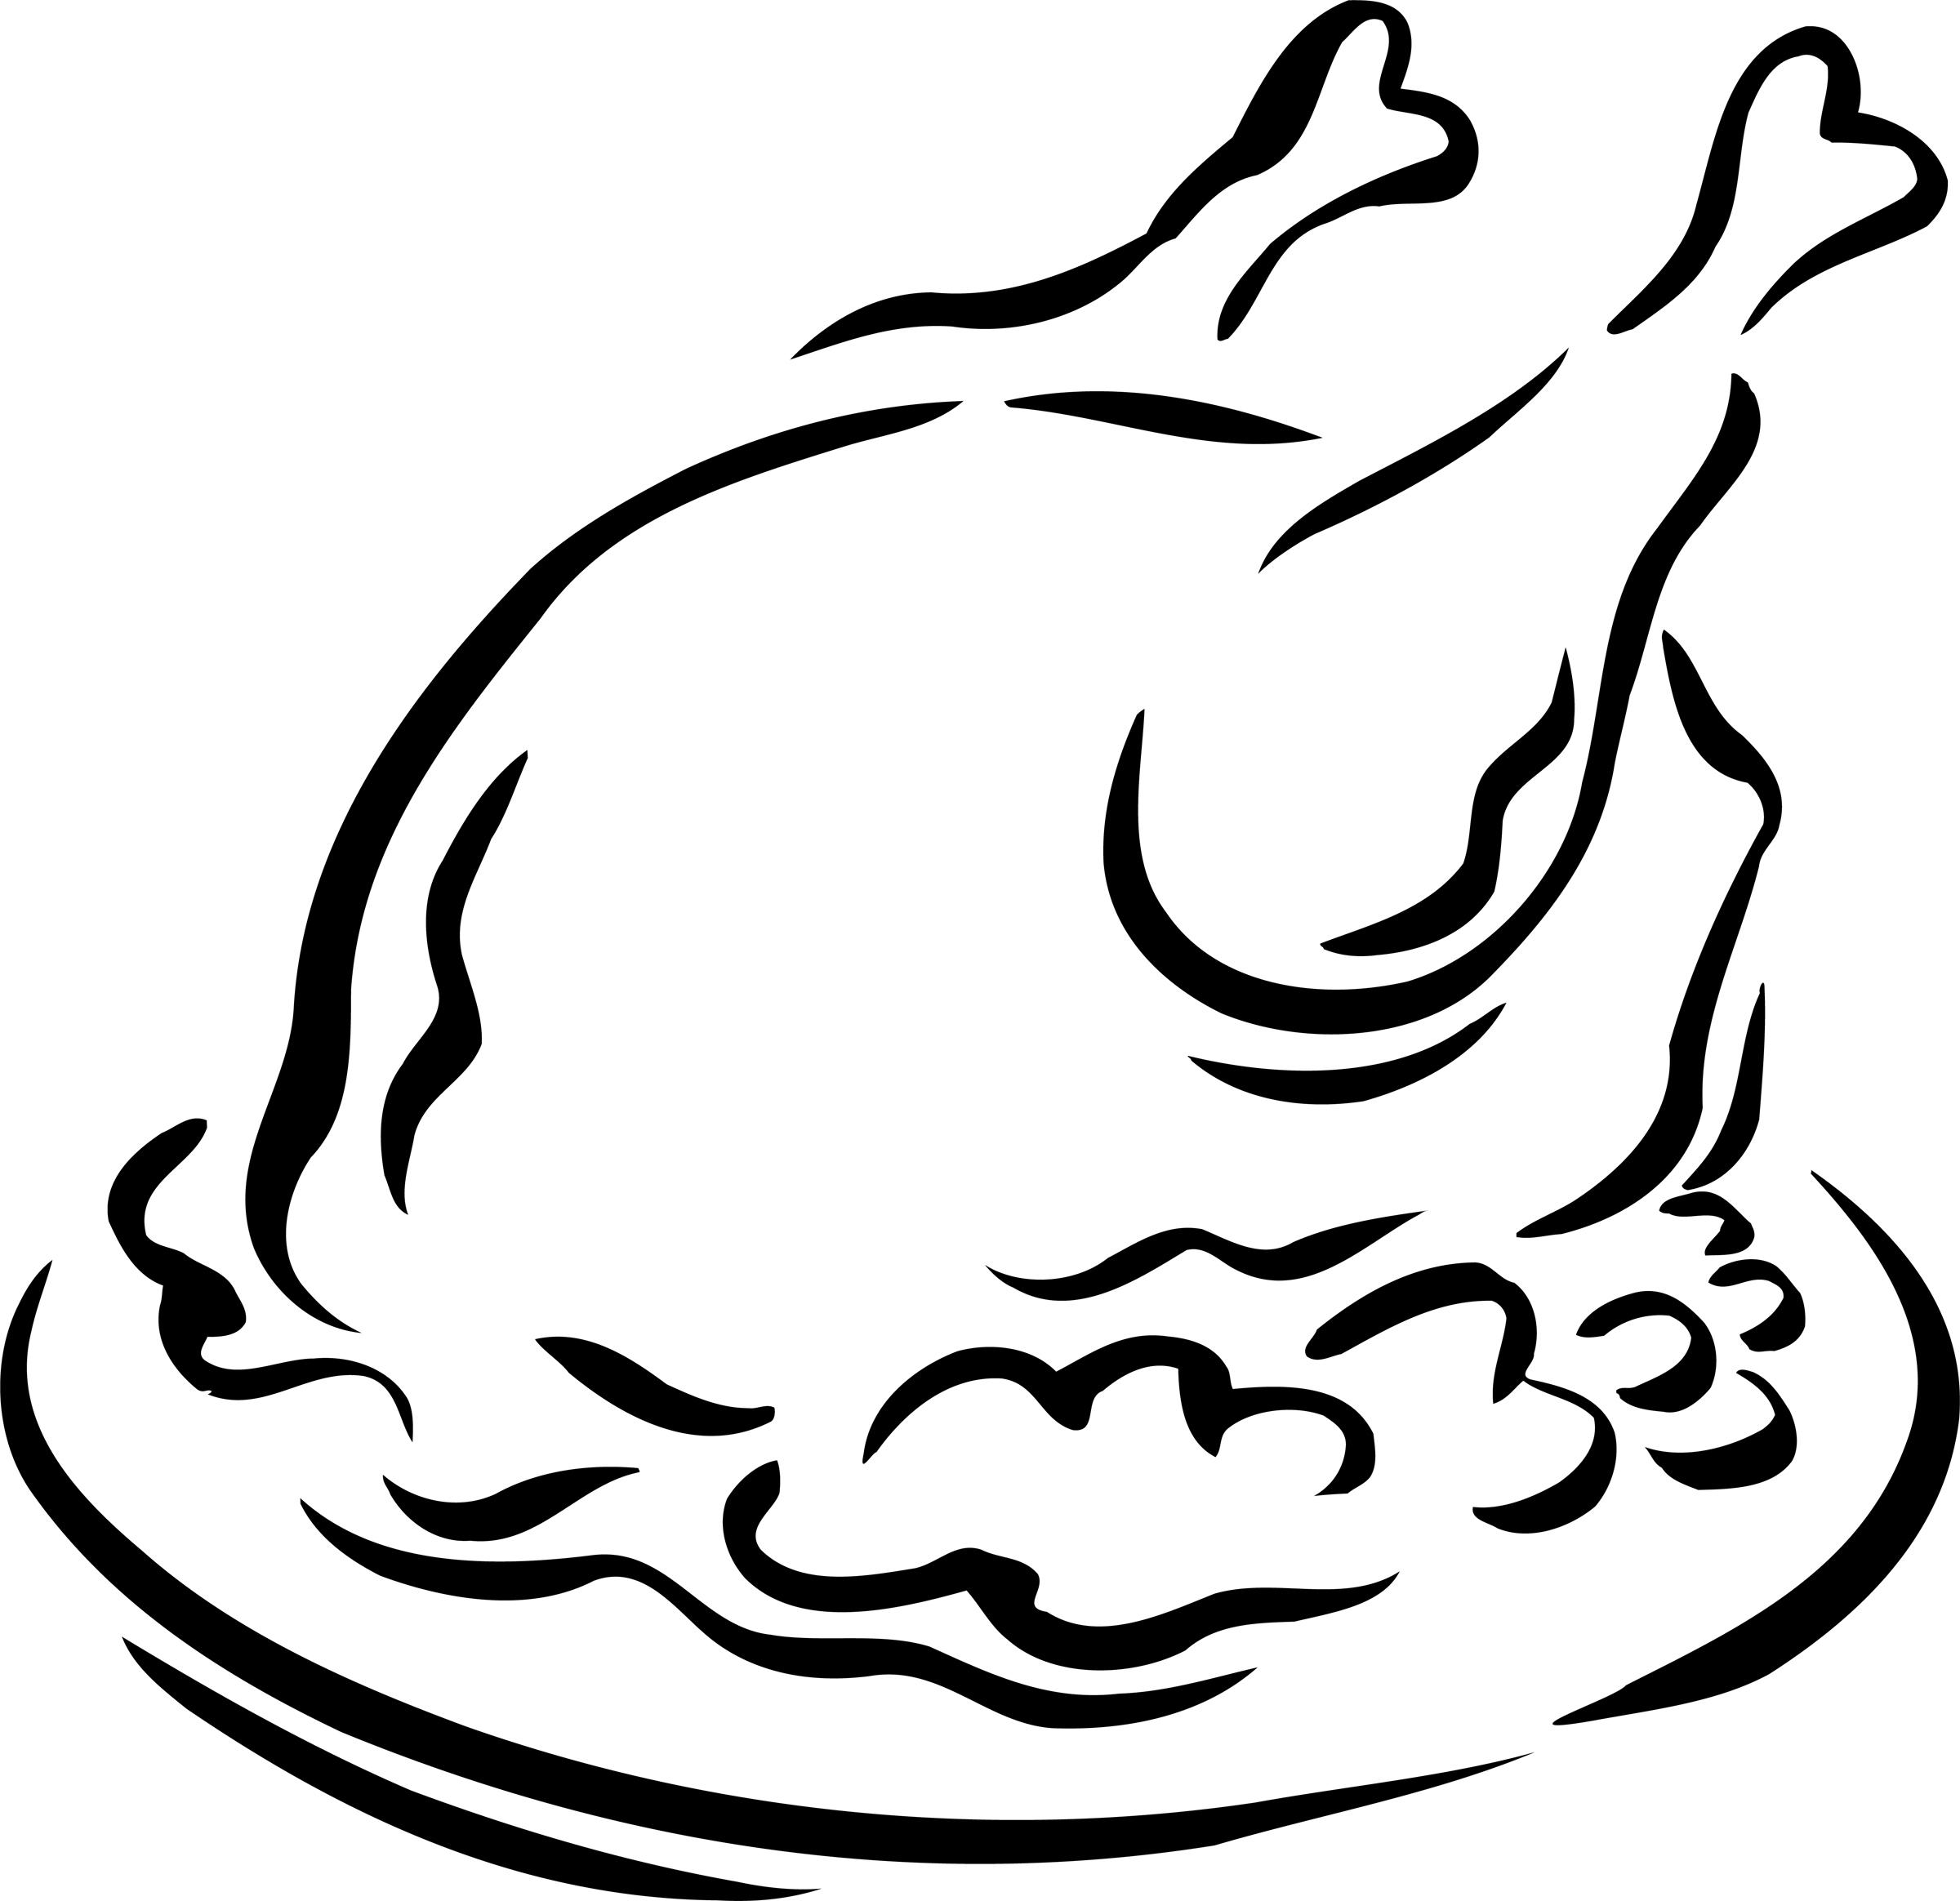 2400x2328 Chicken Clipart Cooked Steak